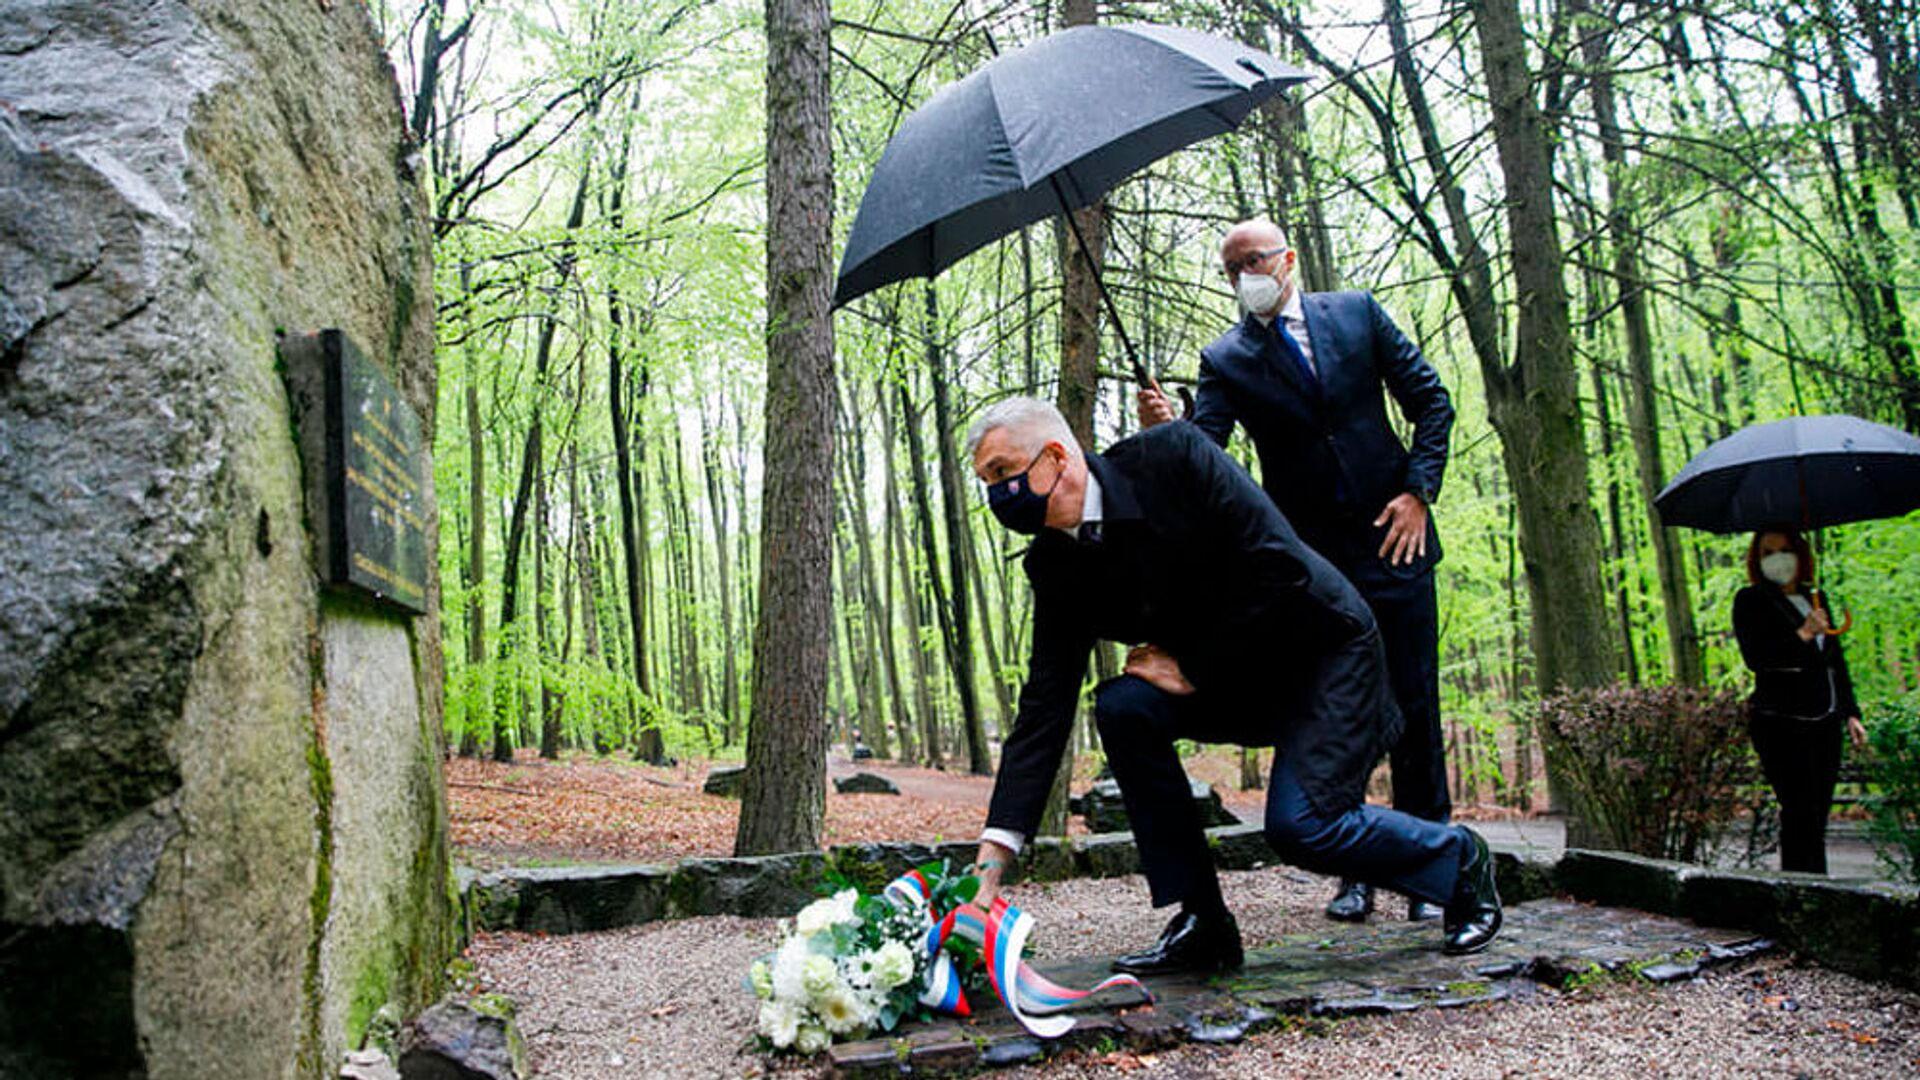 Slovenský ministr zahraničí Ivan Korčok pokládá věnec u pomníku rudoarmějců, kteří padli při osvobození Bratislavy - Sputnik Česká republika, 1920, 08.05.2021